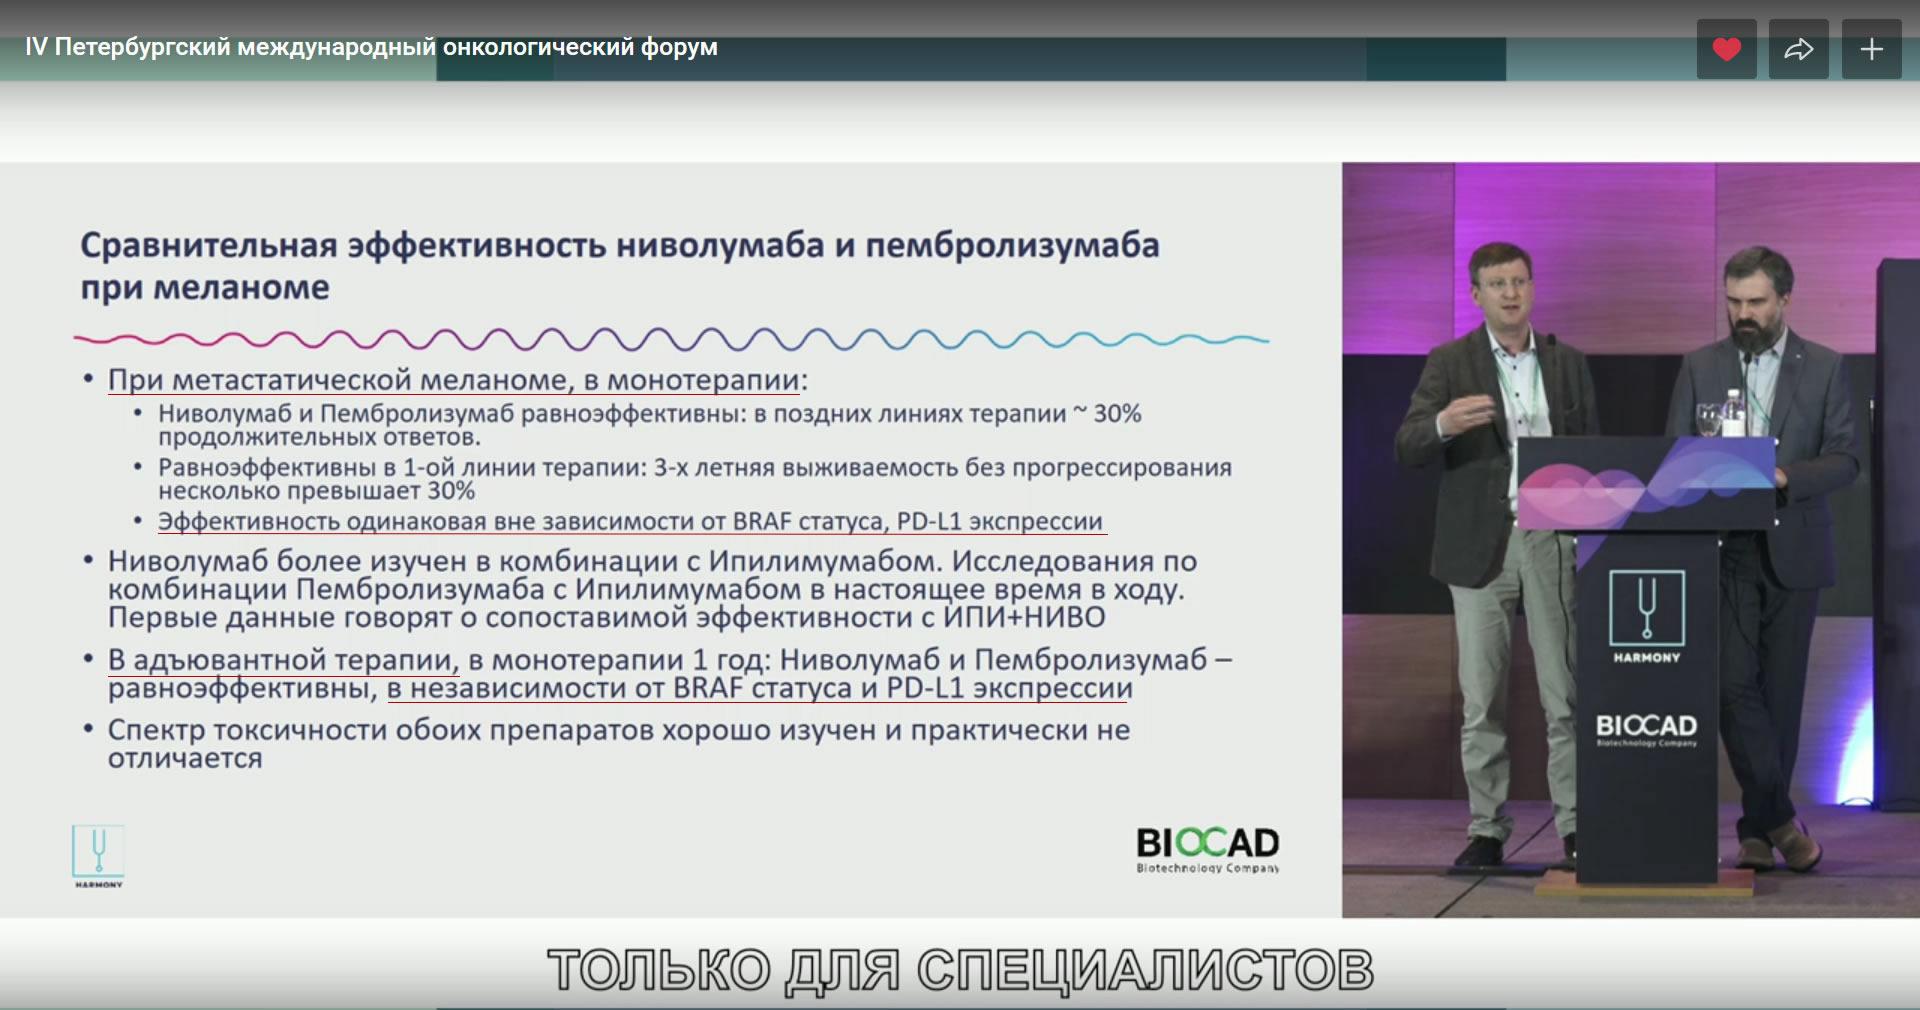 Опдиво, Кейтруда, экспрессия PD-L1